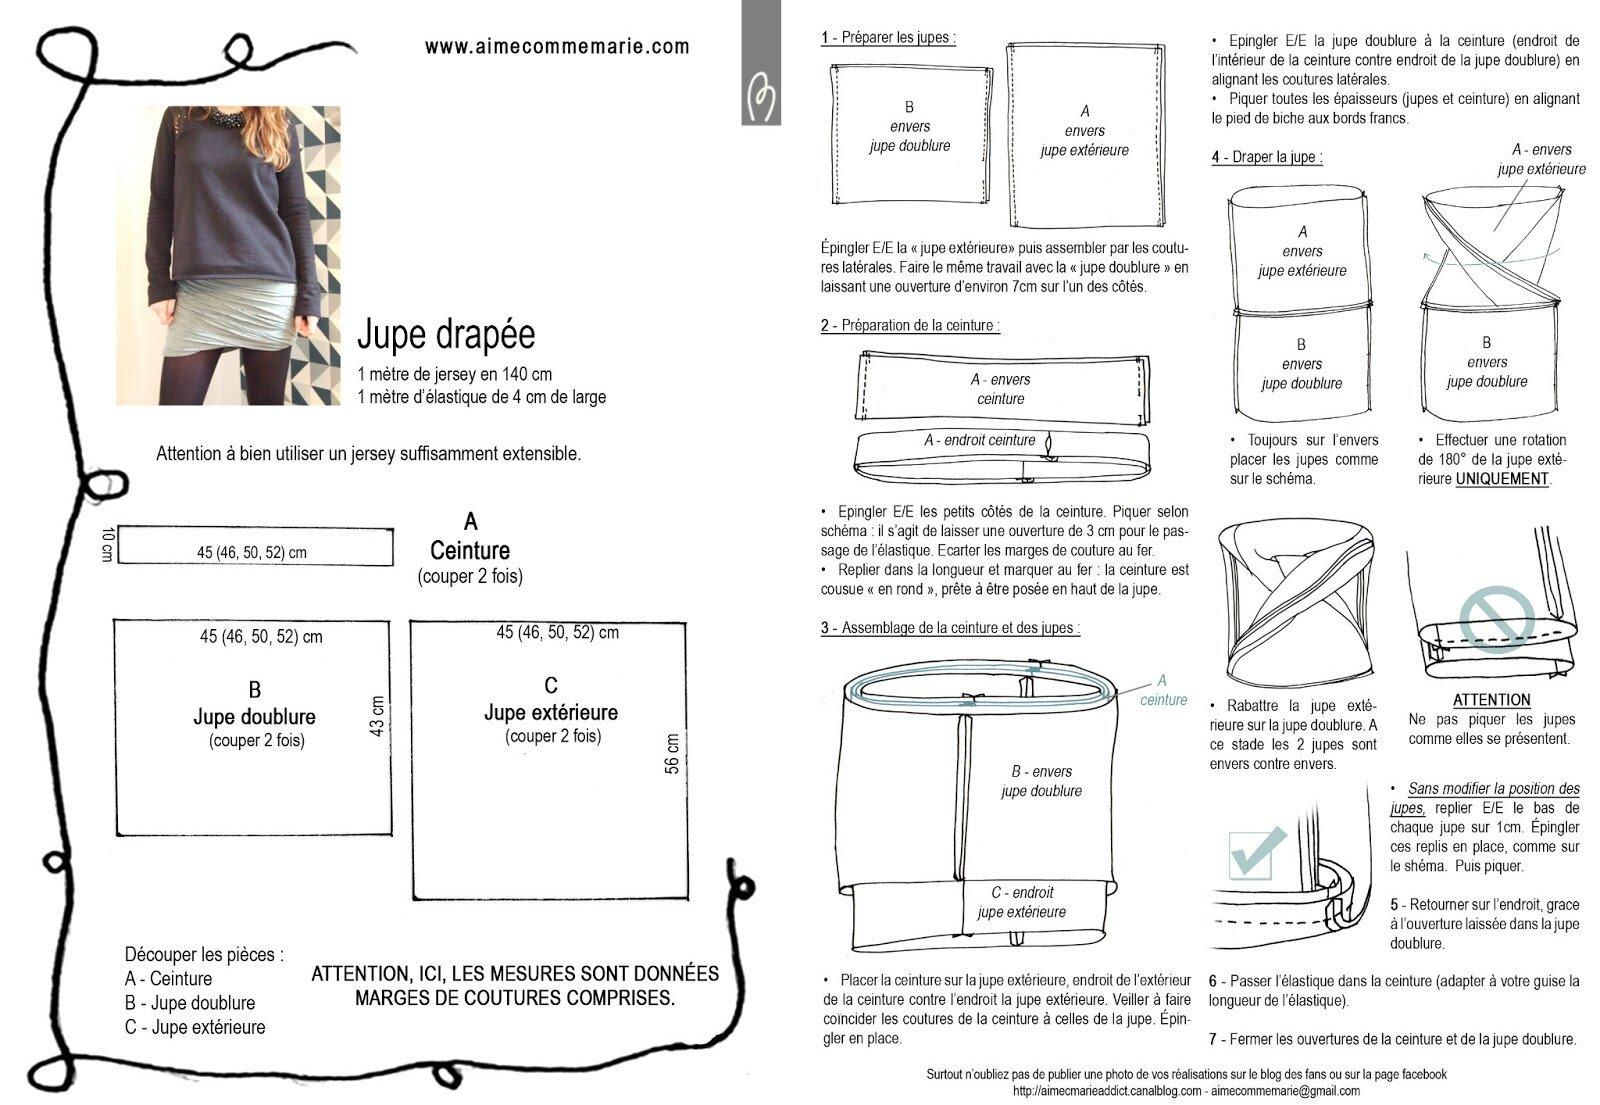 Vêtements femme - Le site pour apprendre à coudre seul(e) !